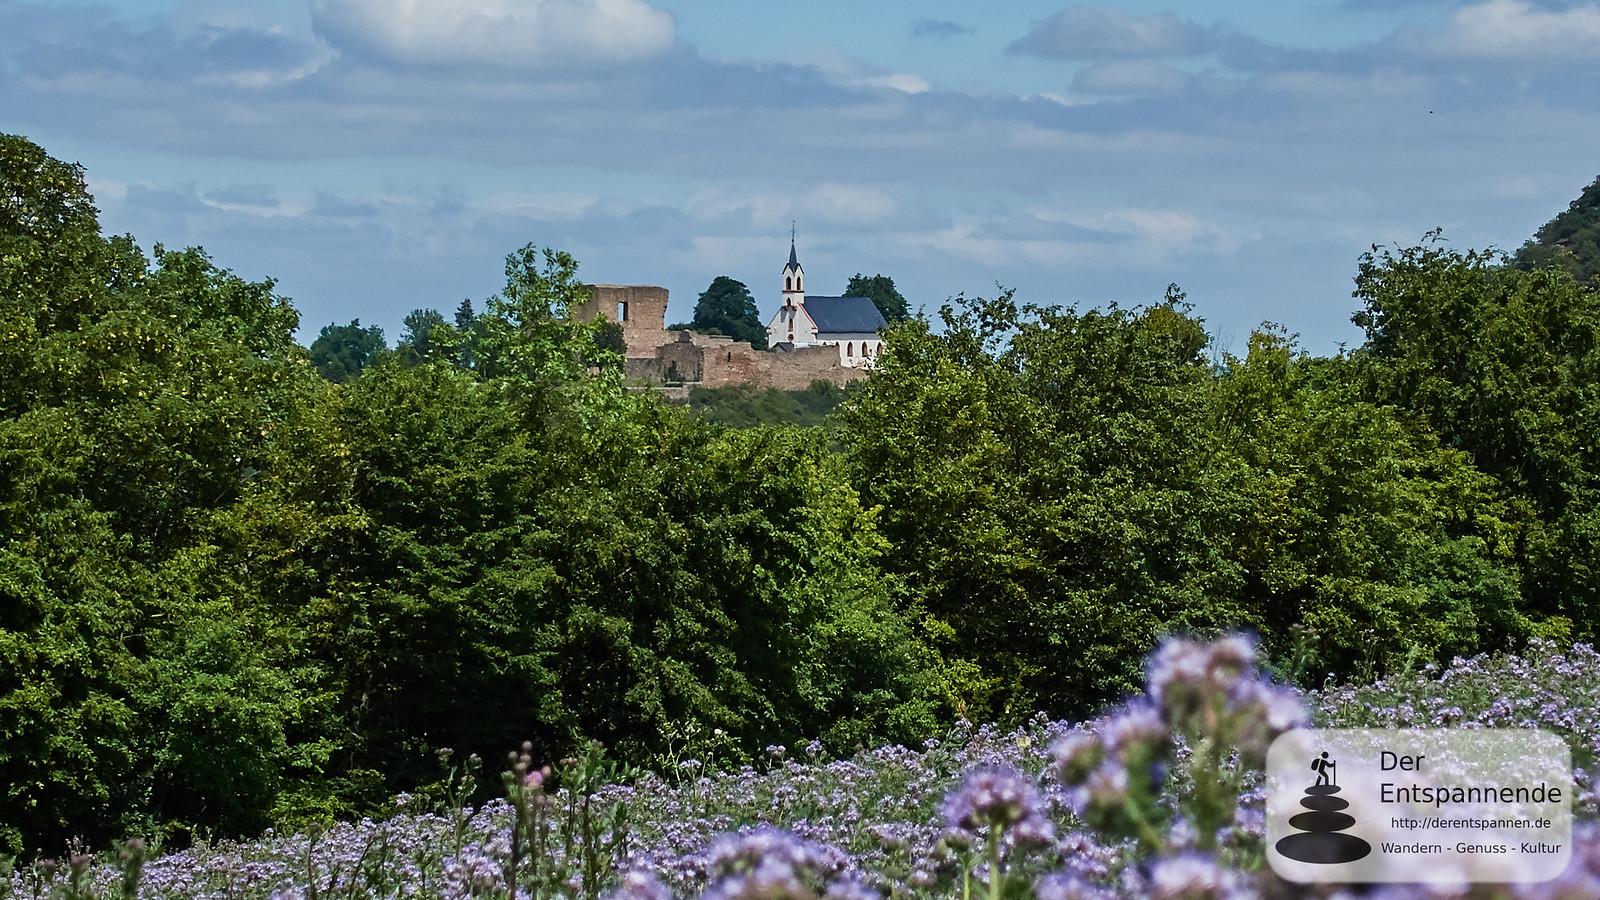 Burgruine Neuenbaumburg (Neu-Bamberg)